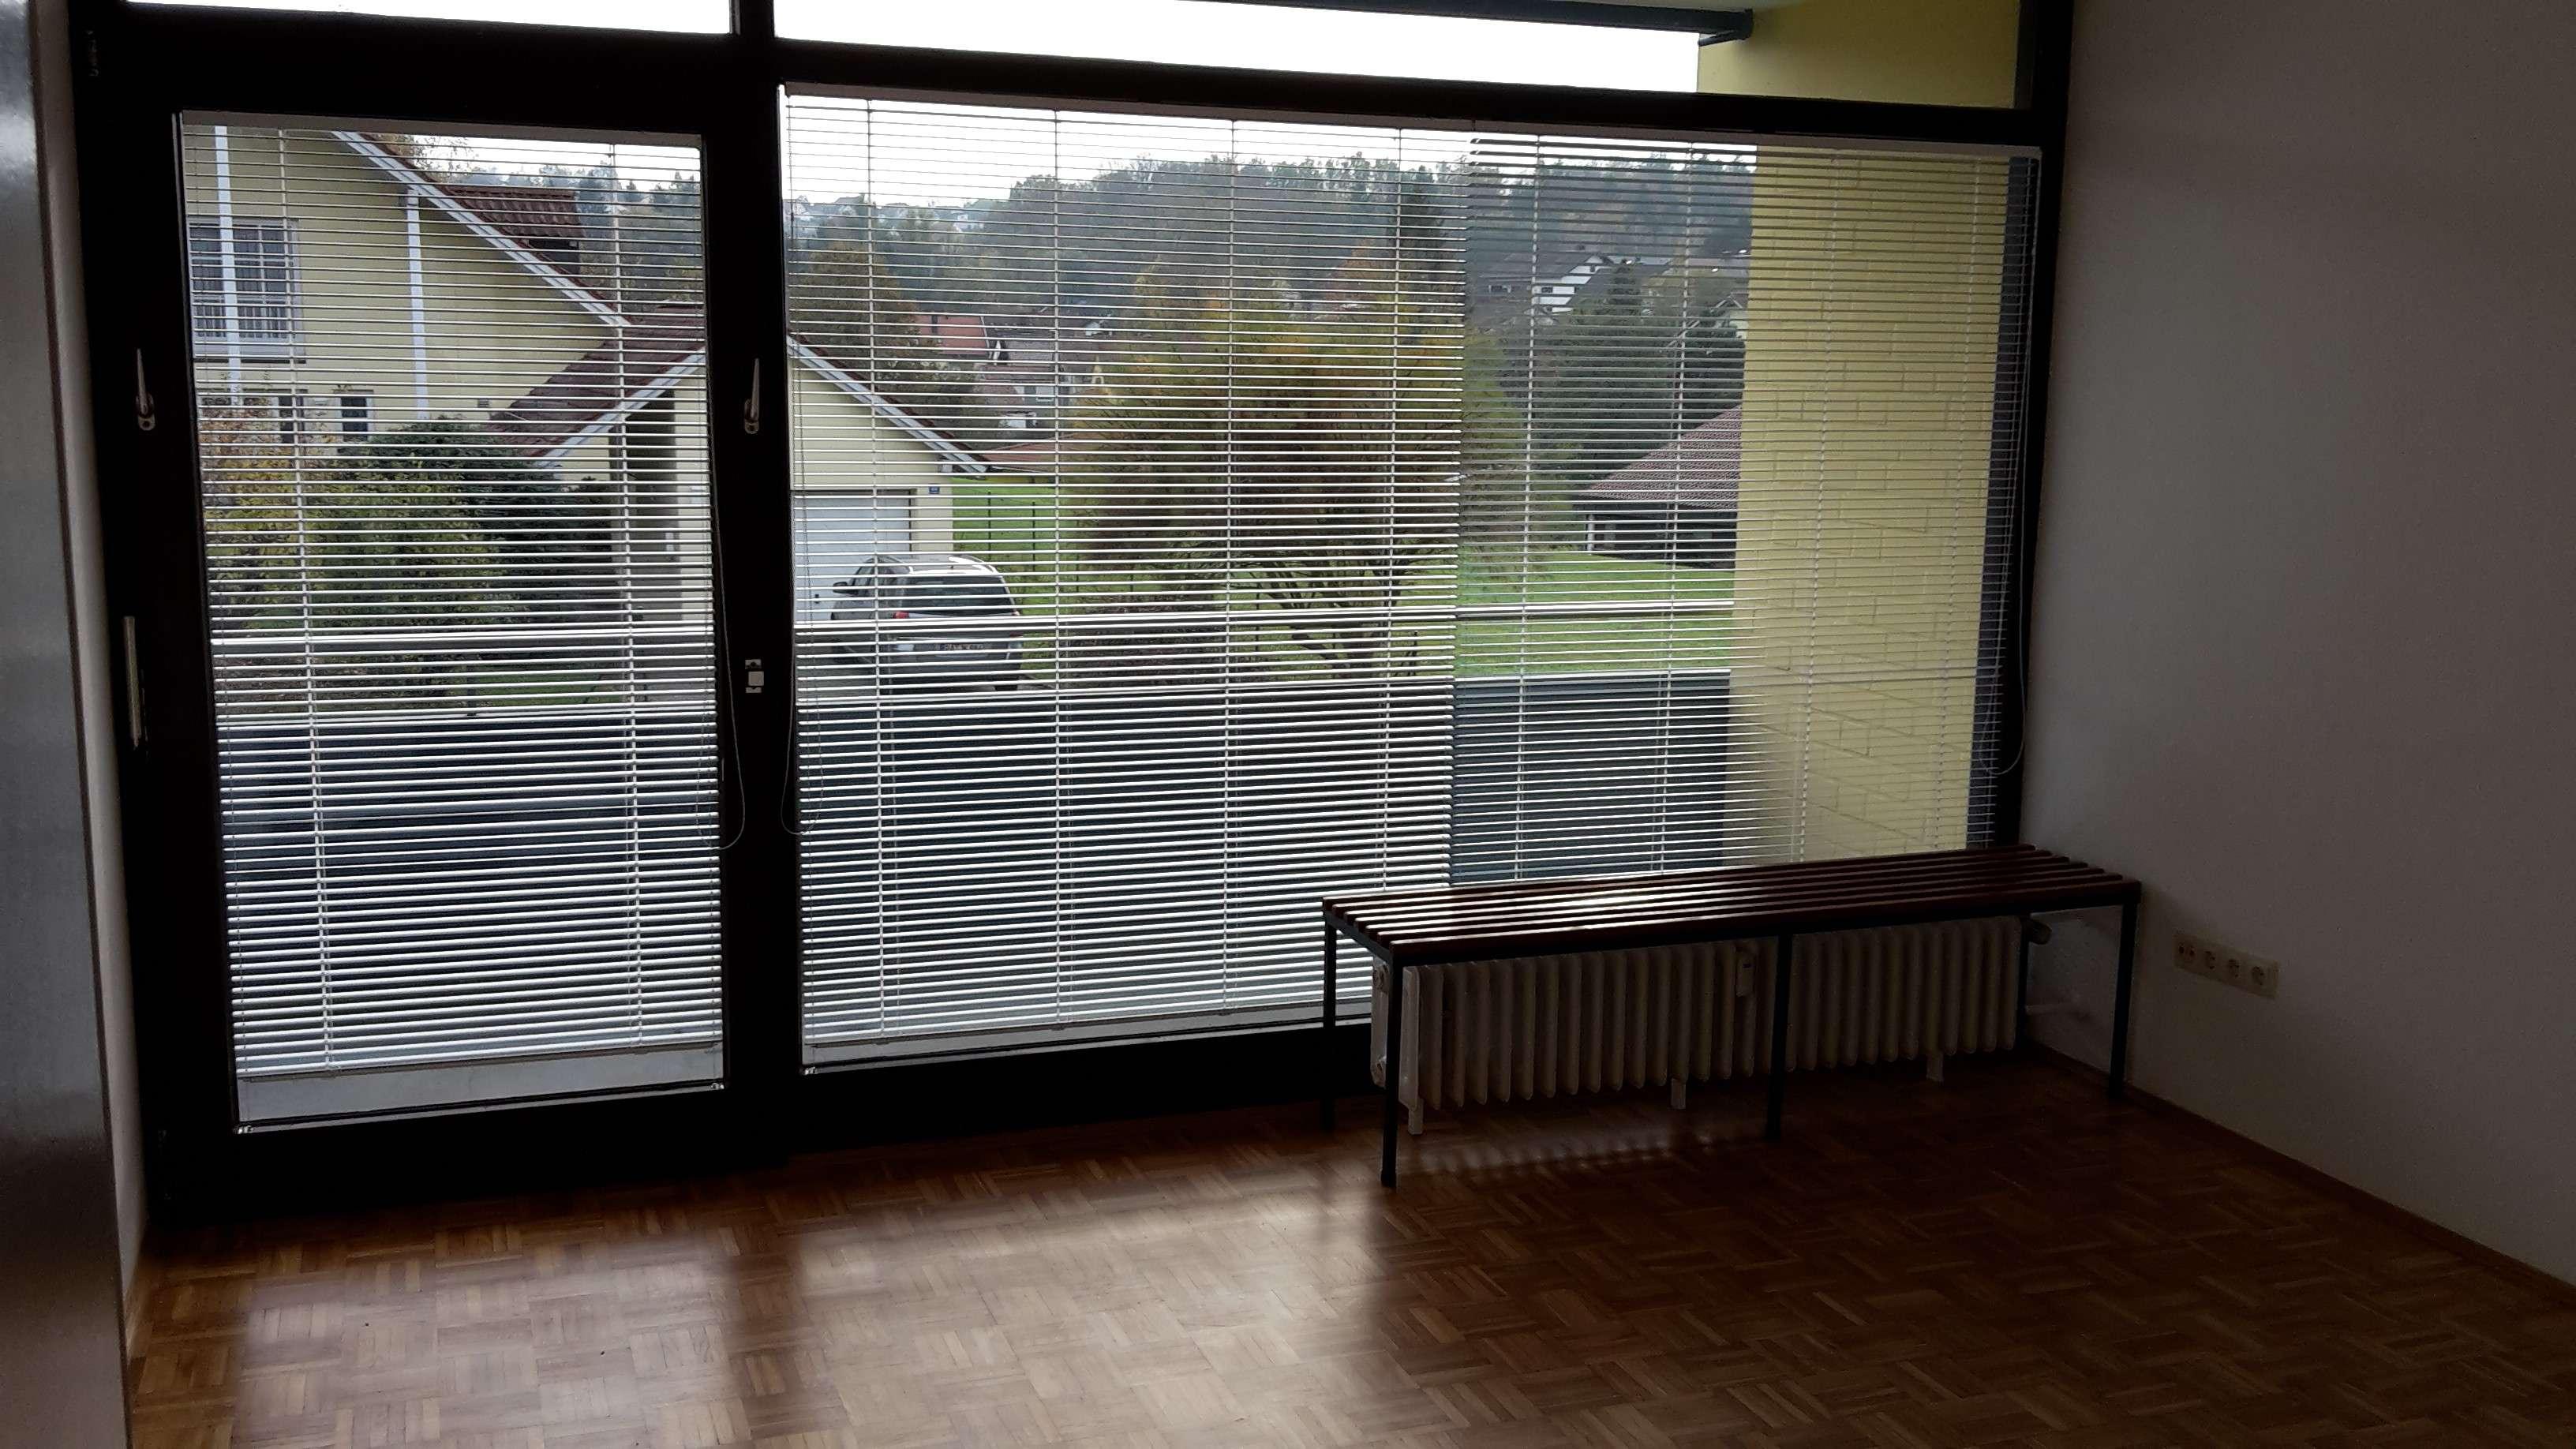 Renovierte 2-Zimmer-Hochparterre-Wohnung mit Balkon und EBK in Passau-Heining in Heining (Passau)